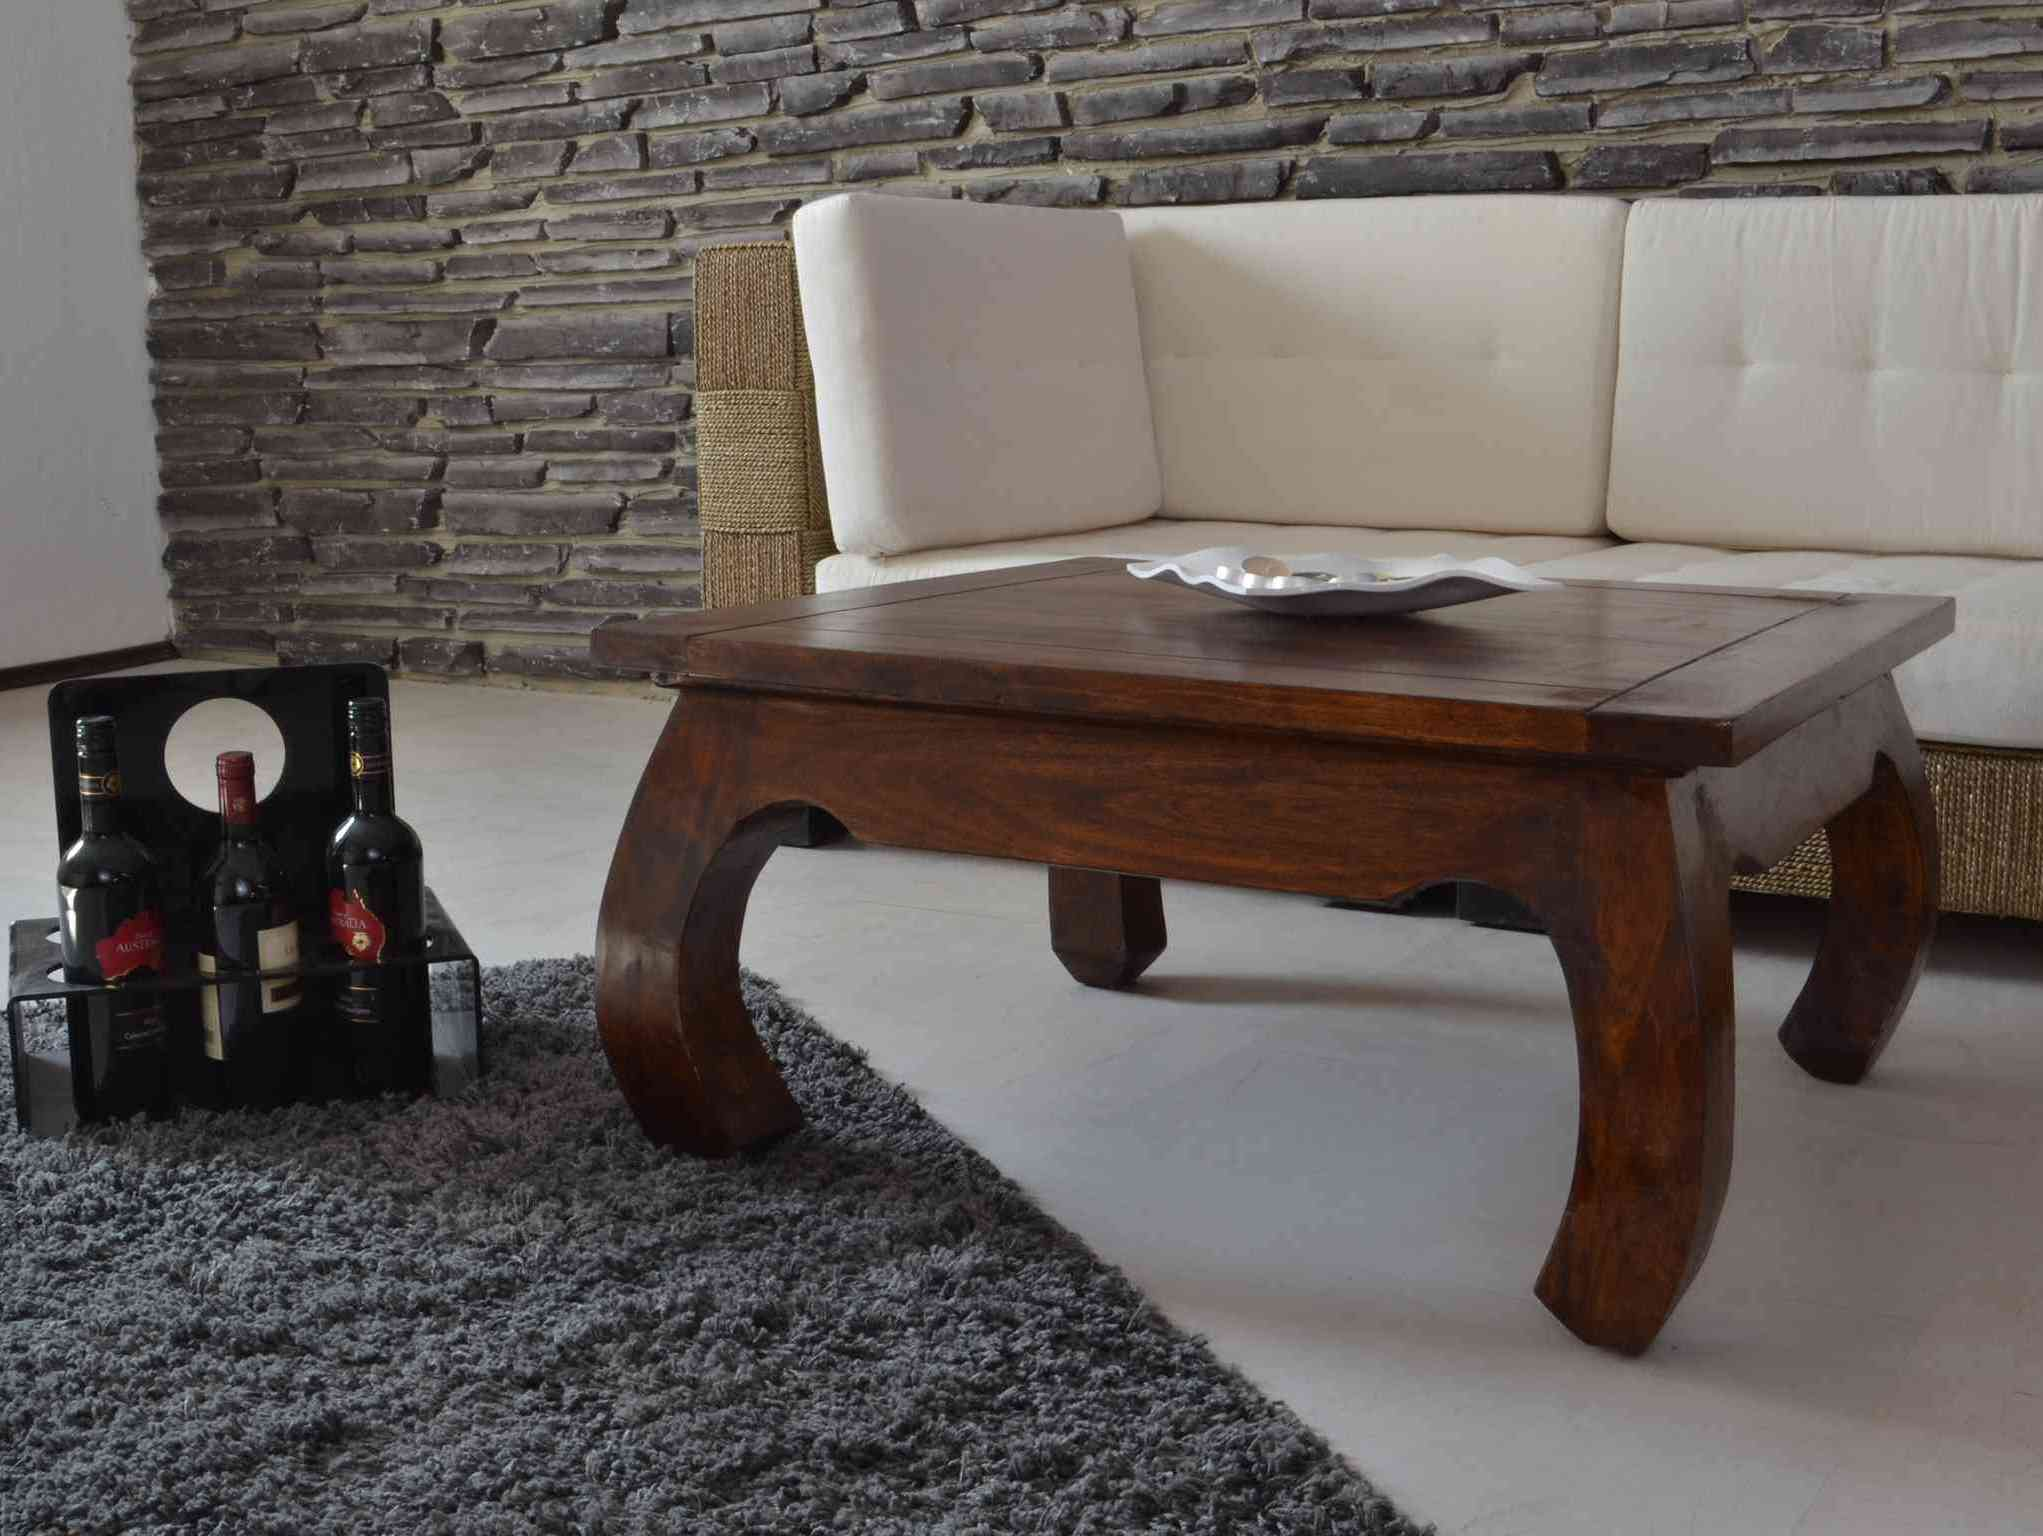 Opium couchtisch massivholz m bel akazie walnuss 20538 for Couchtisch 40x40